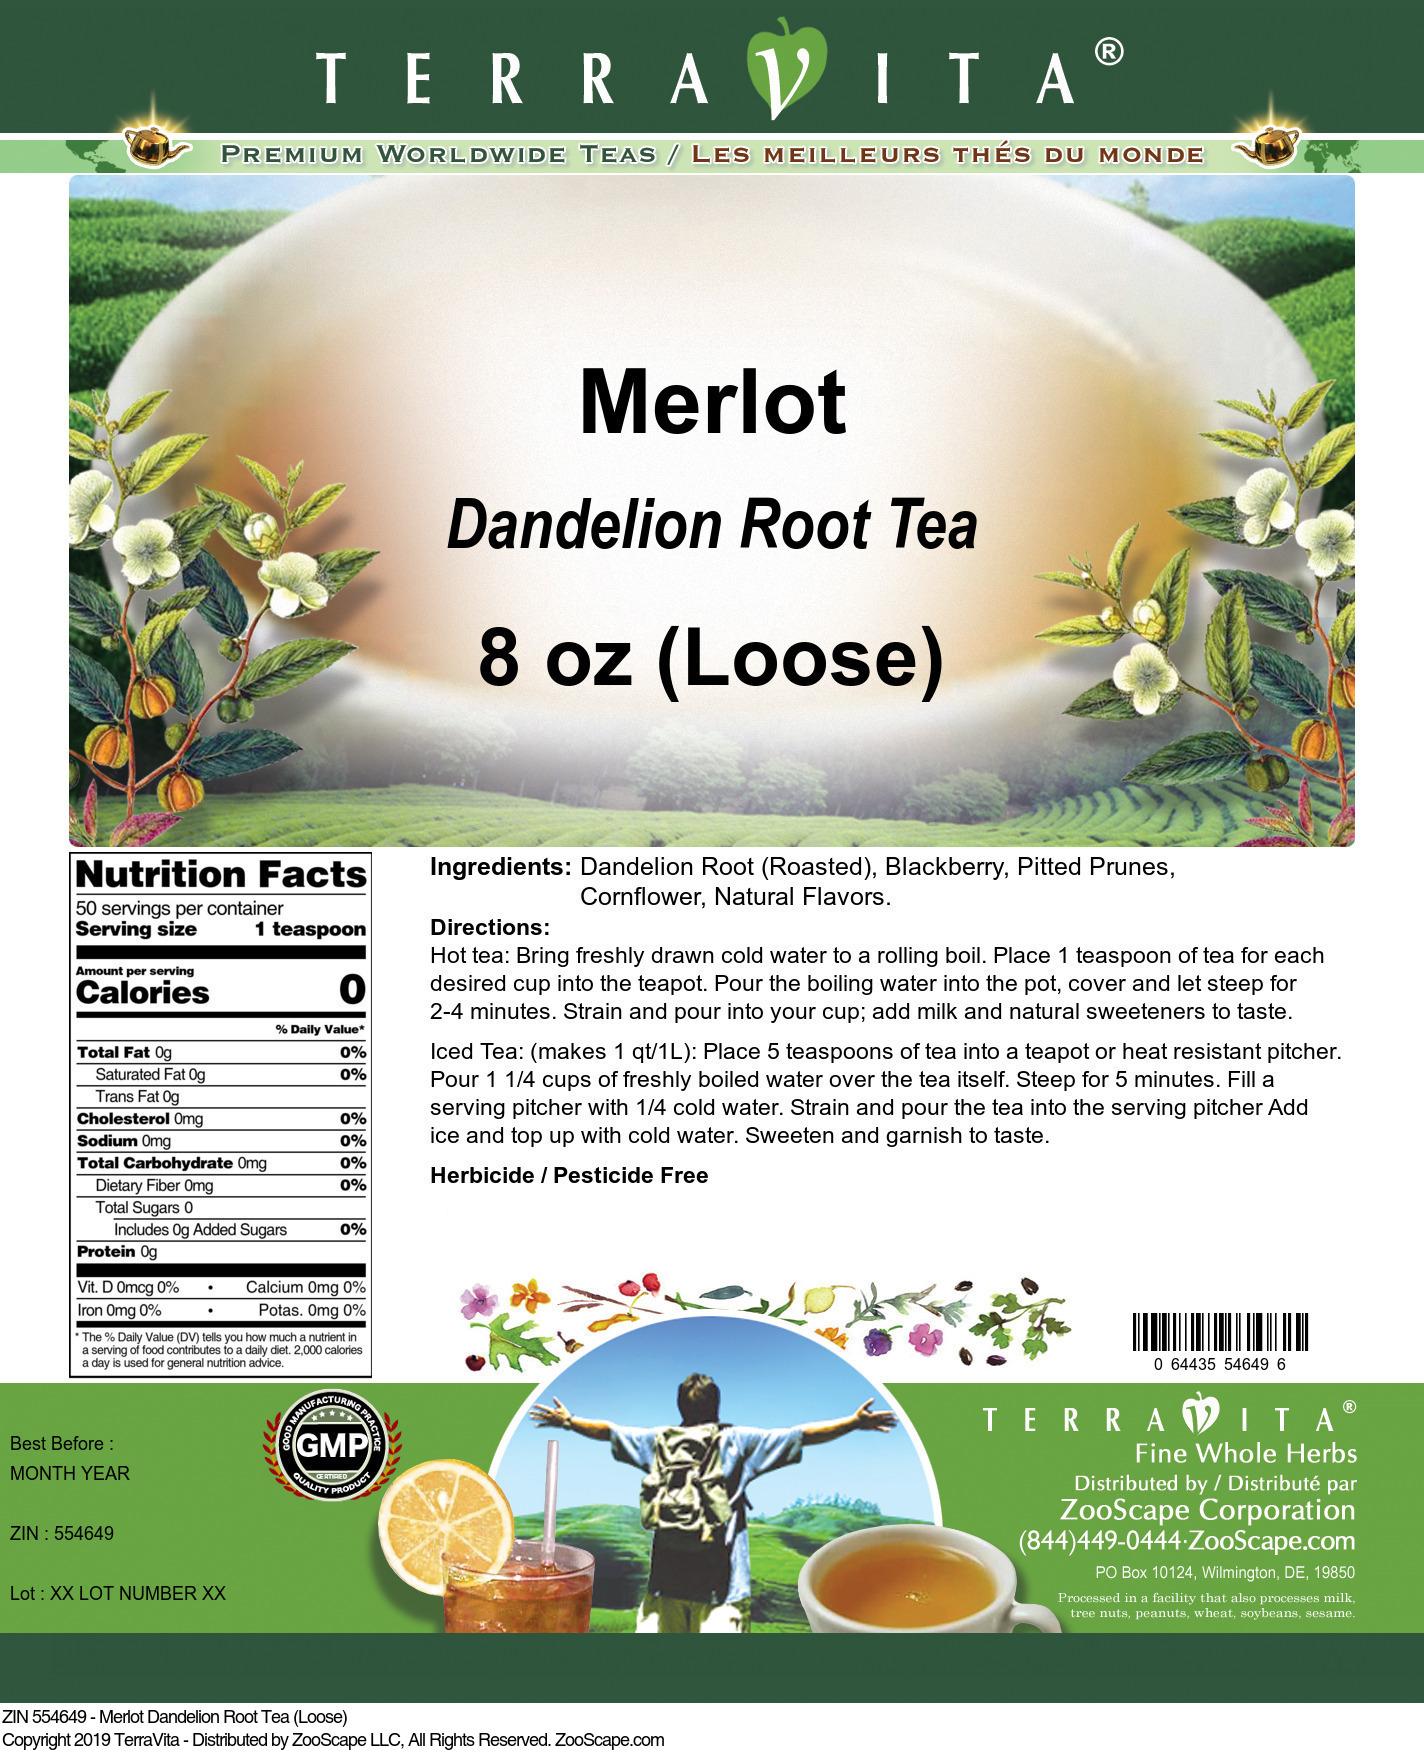 Merlot Dandelion Root